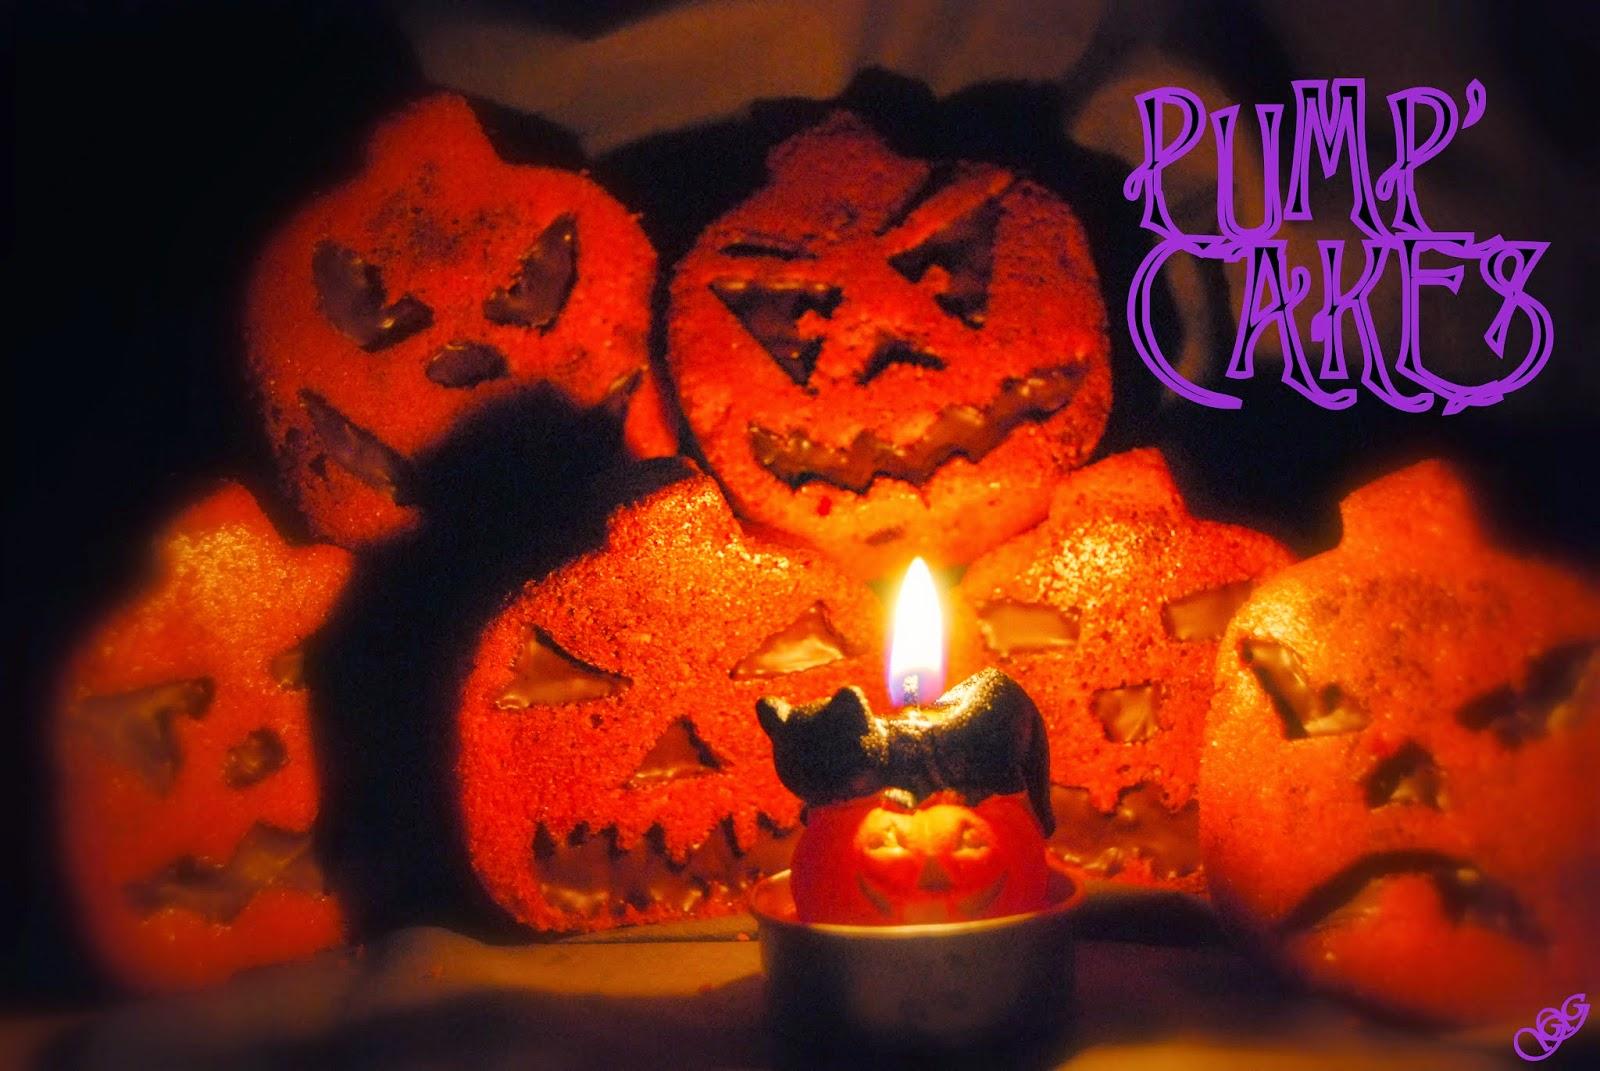 Pump'Cakes